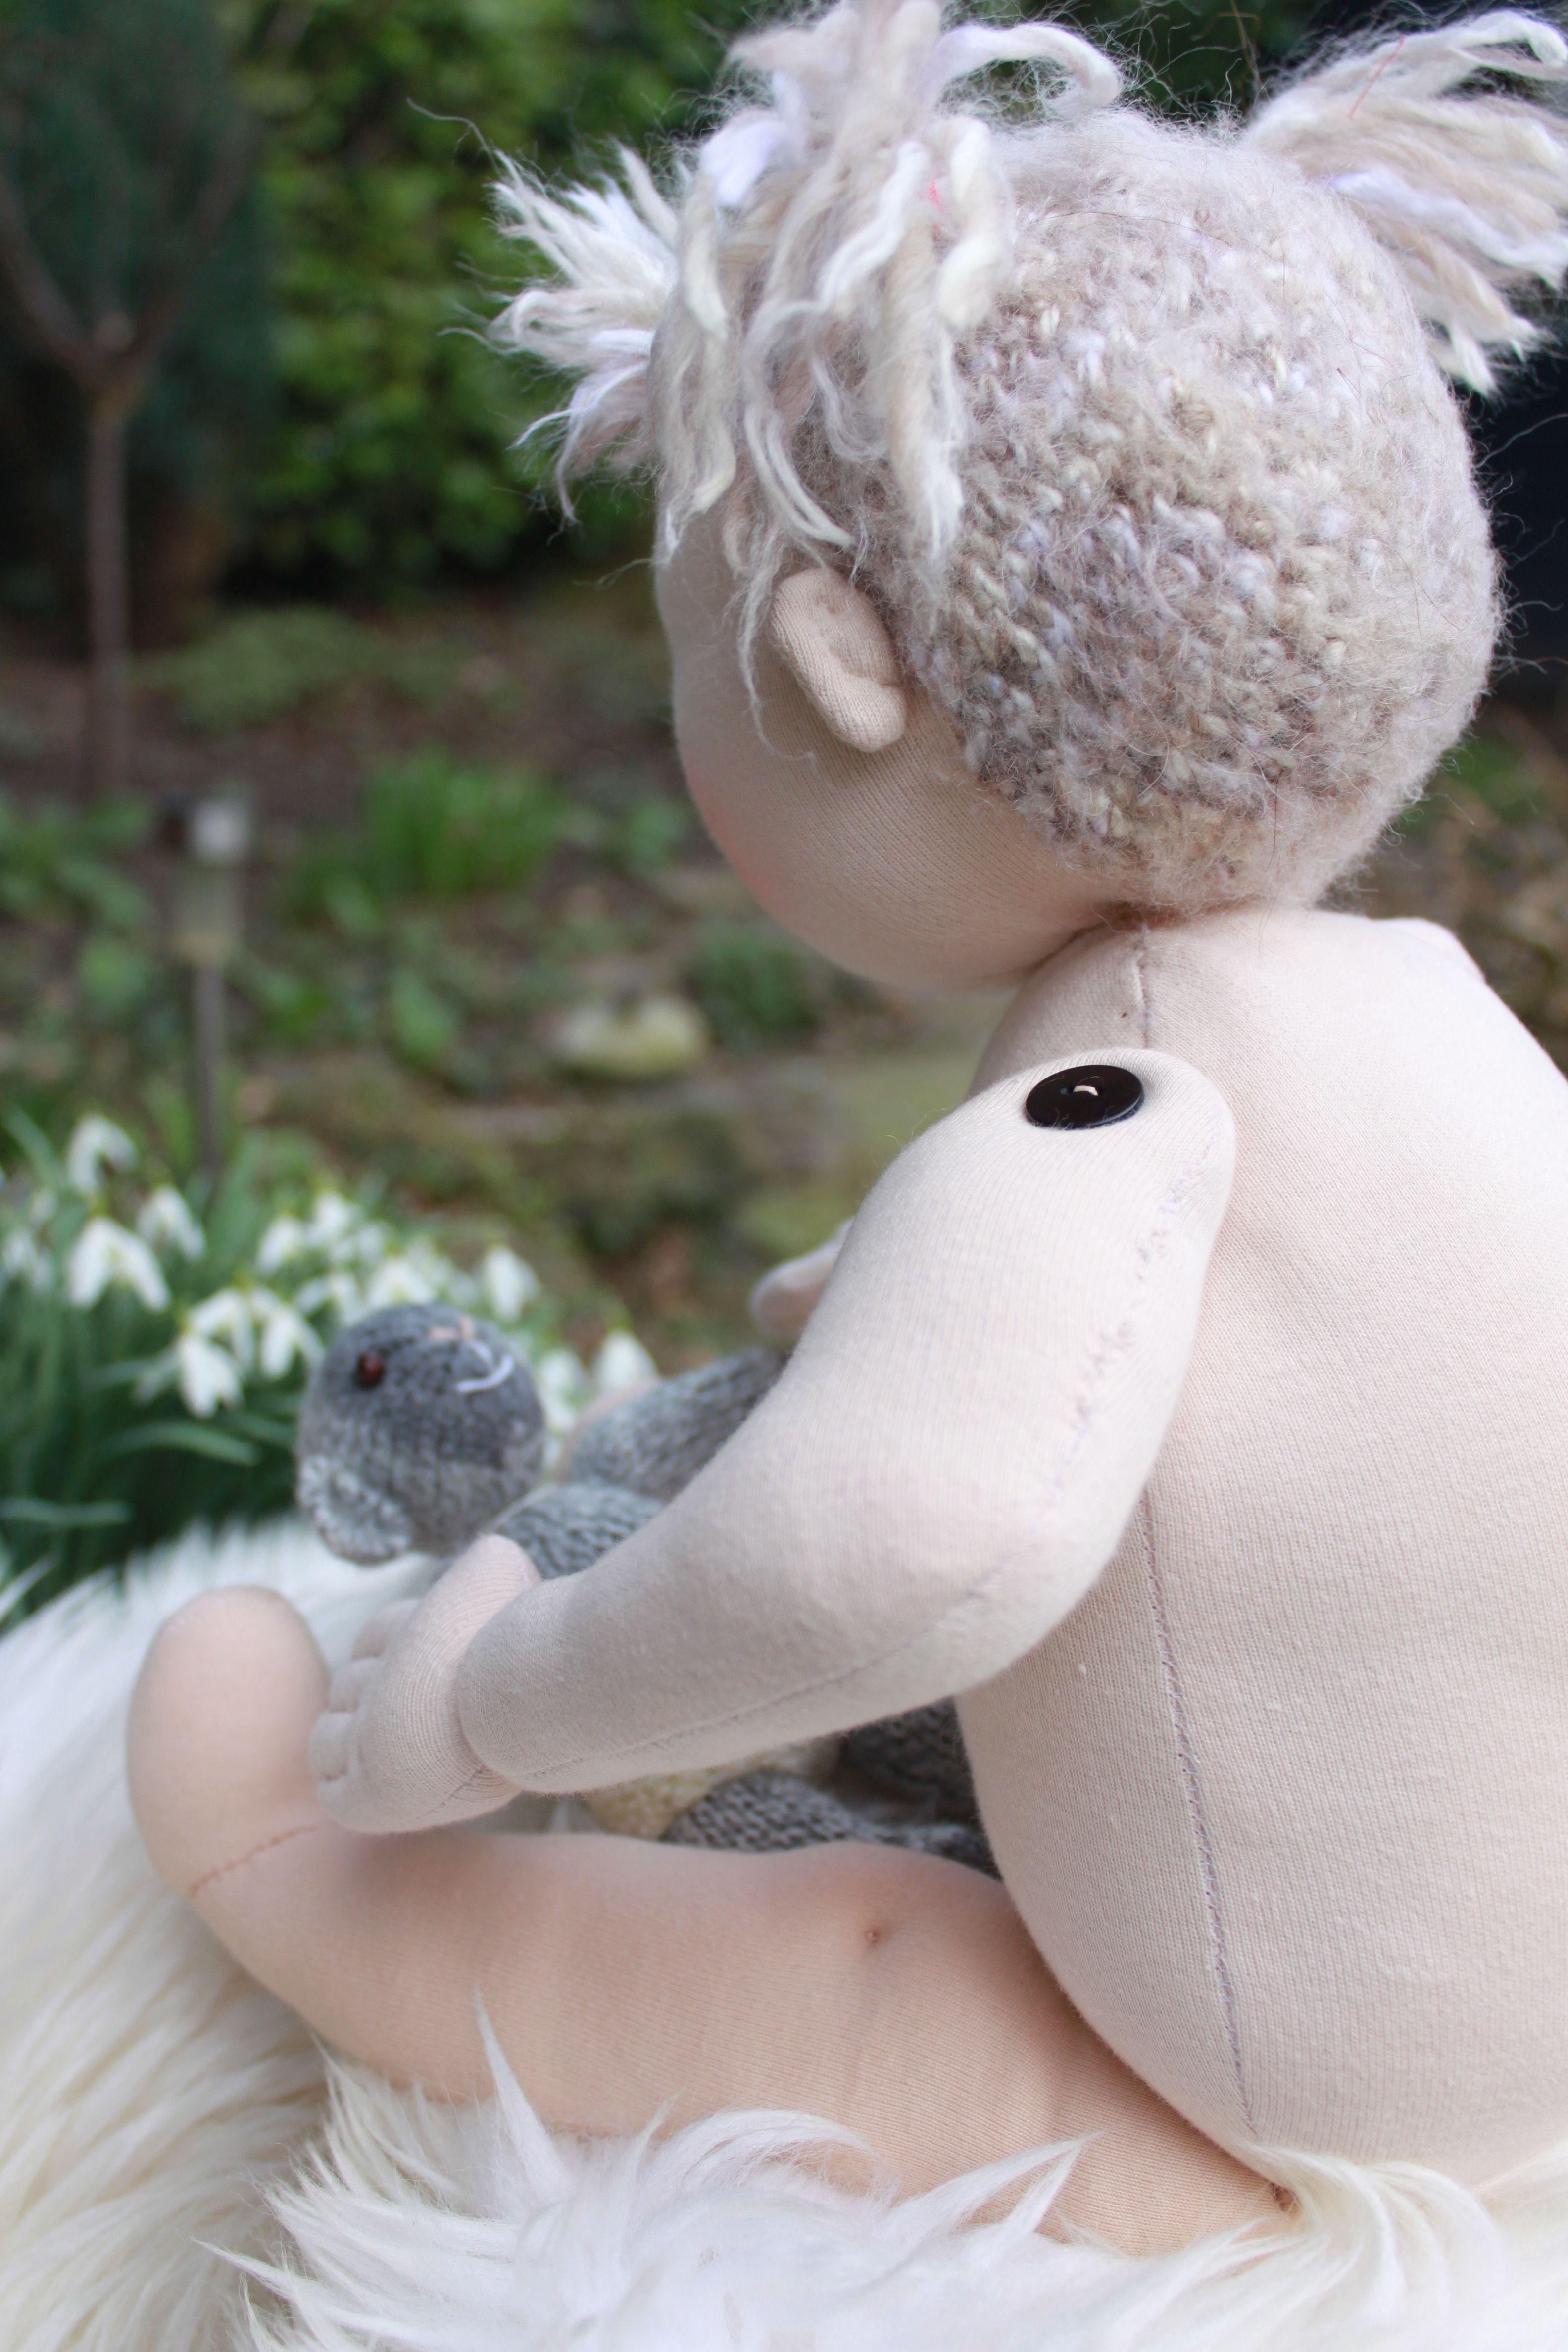 Anne, mijn eerste creatie . Ze mag op reis alicefidom@hotmail.com